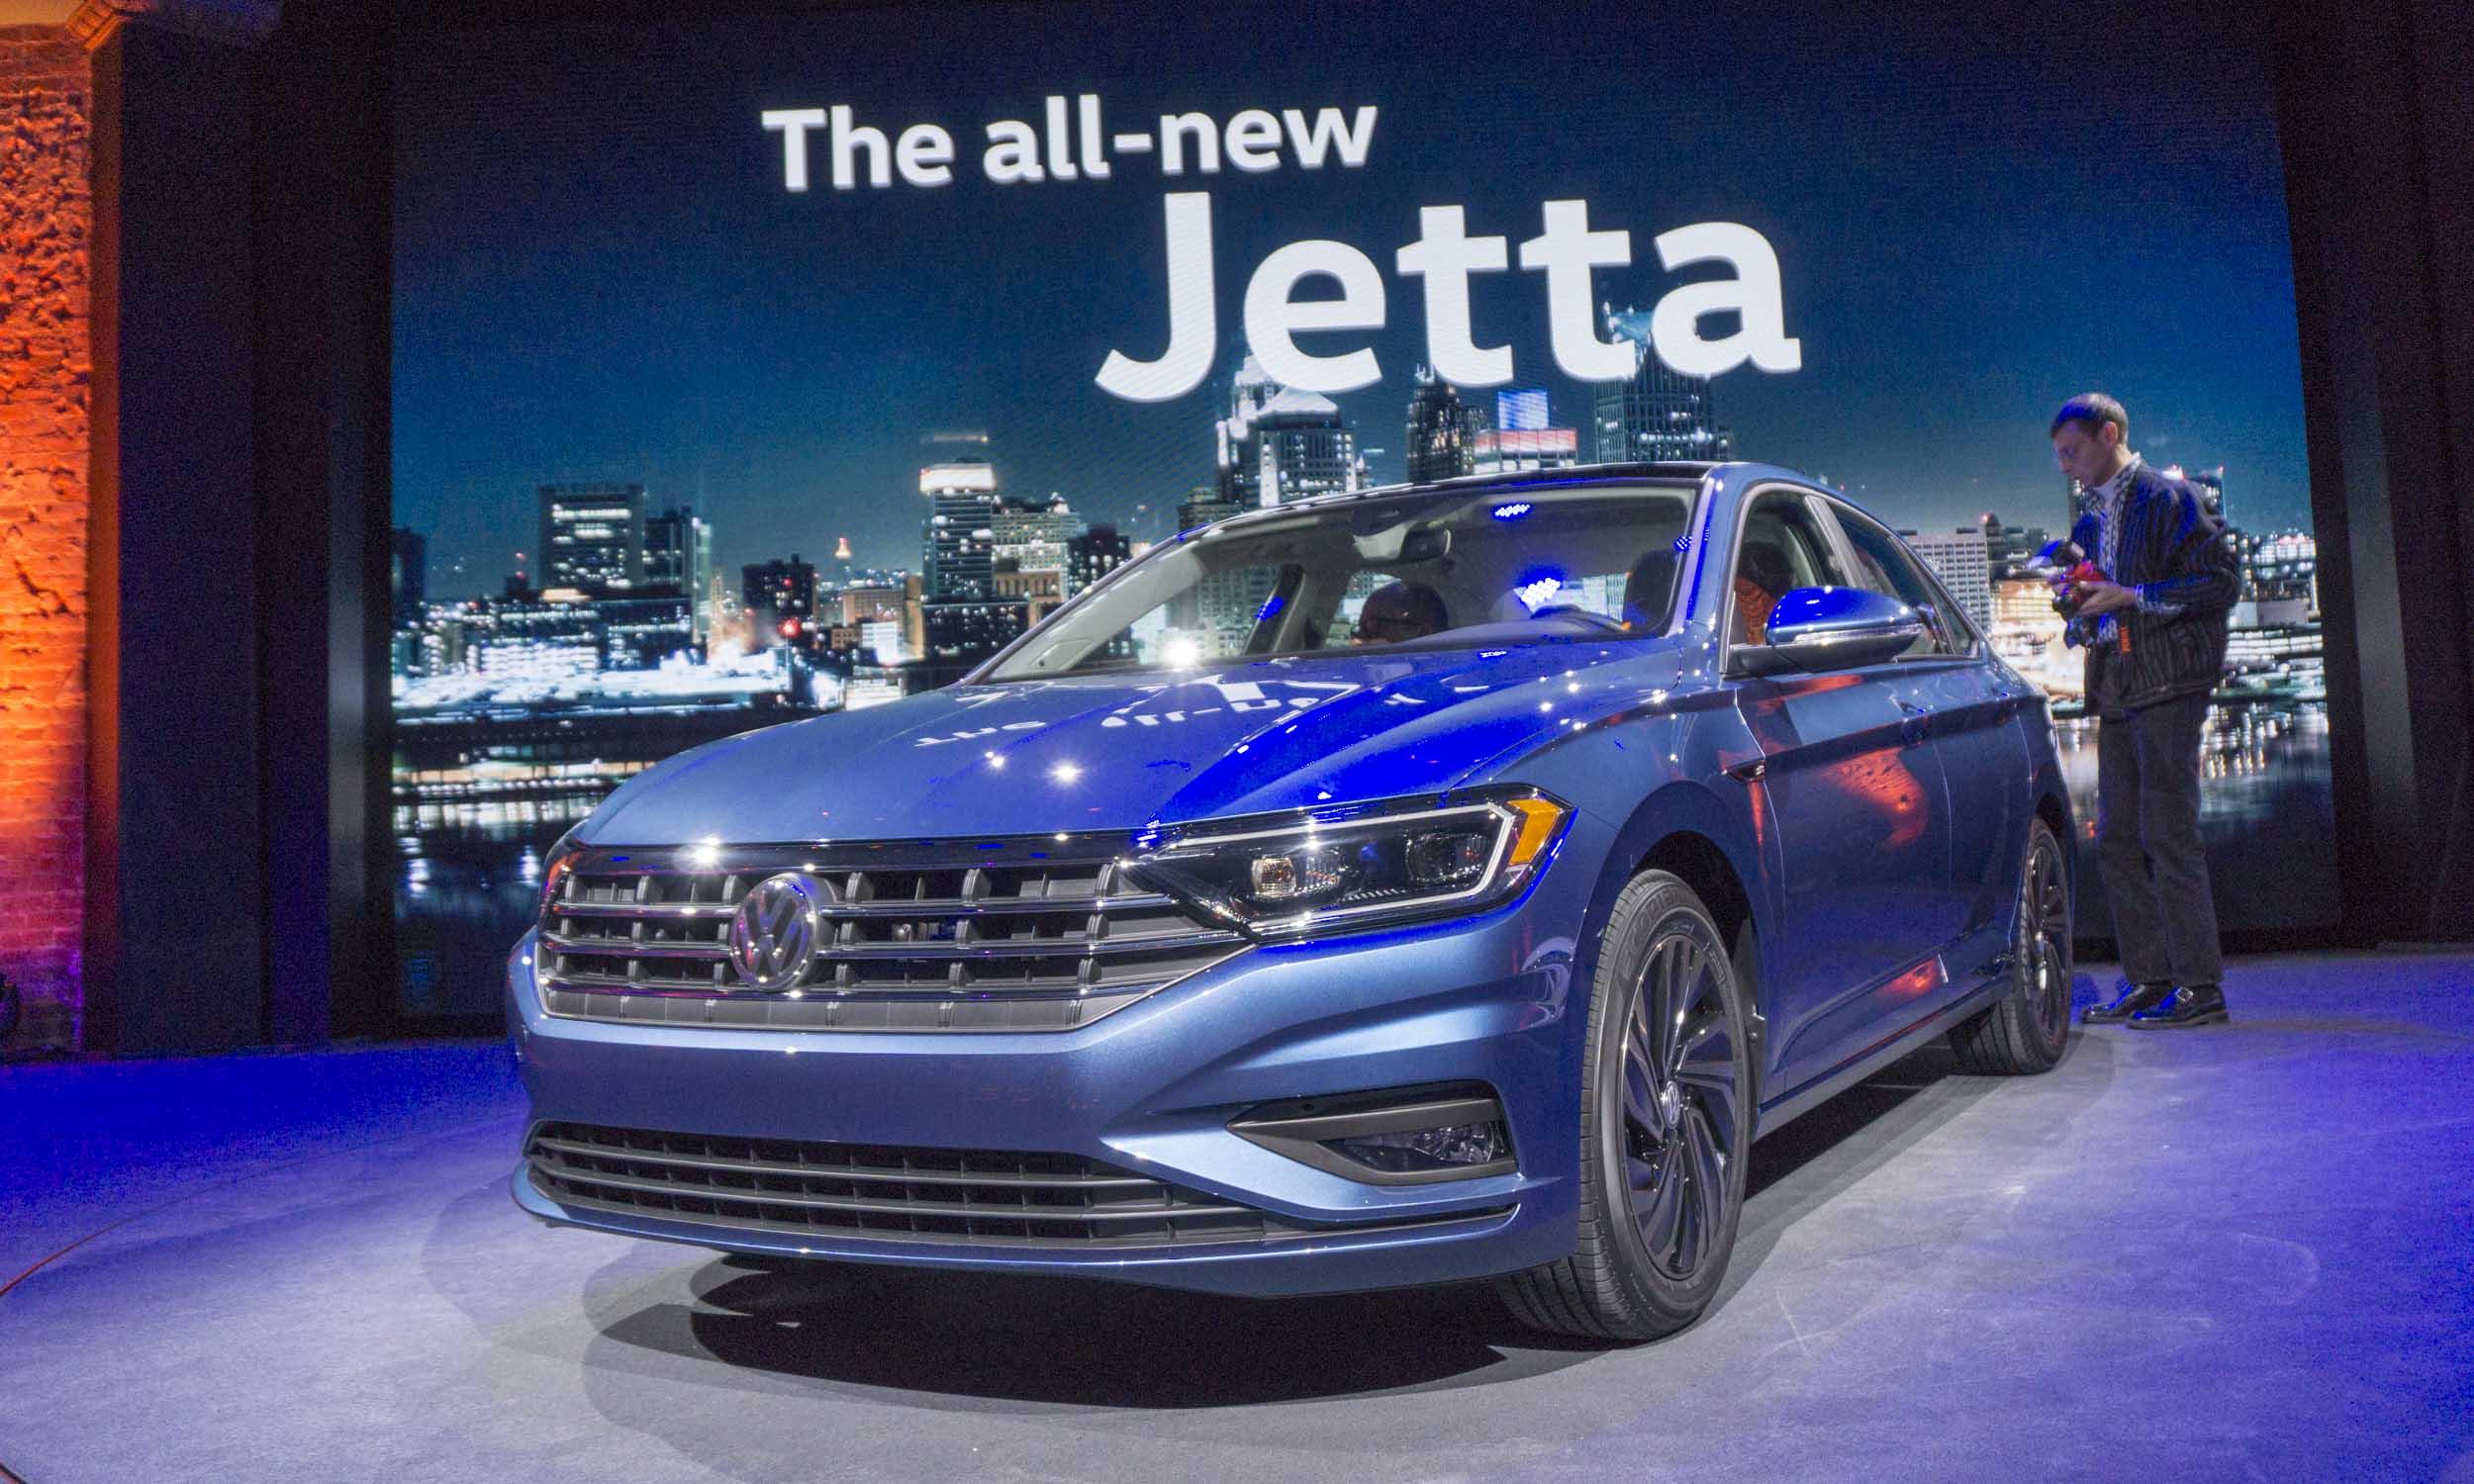 Pebble Beach Car Show >> 2018 Detroit Auto Show: 2019 Volkswagen Jetta - » AutoNXT